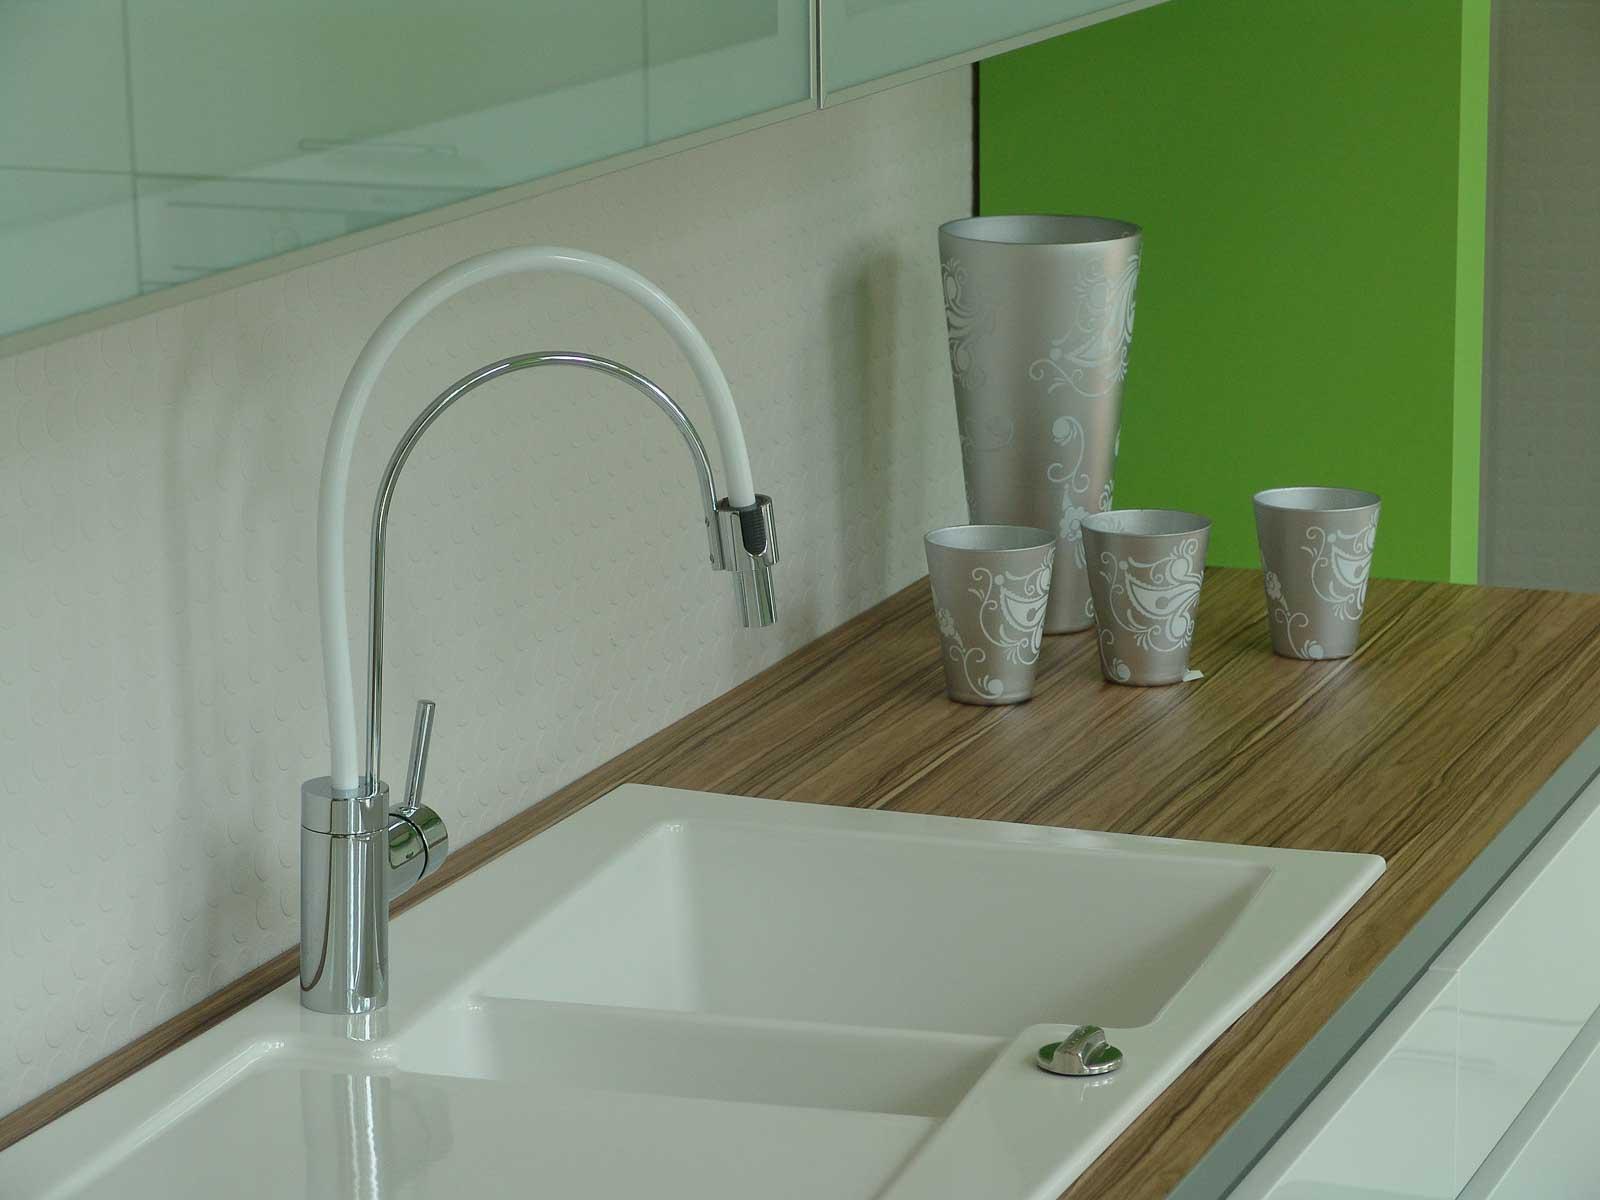 Jödicke Design - Showroom - Küche grün